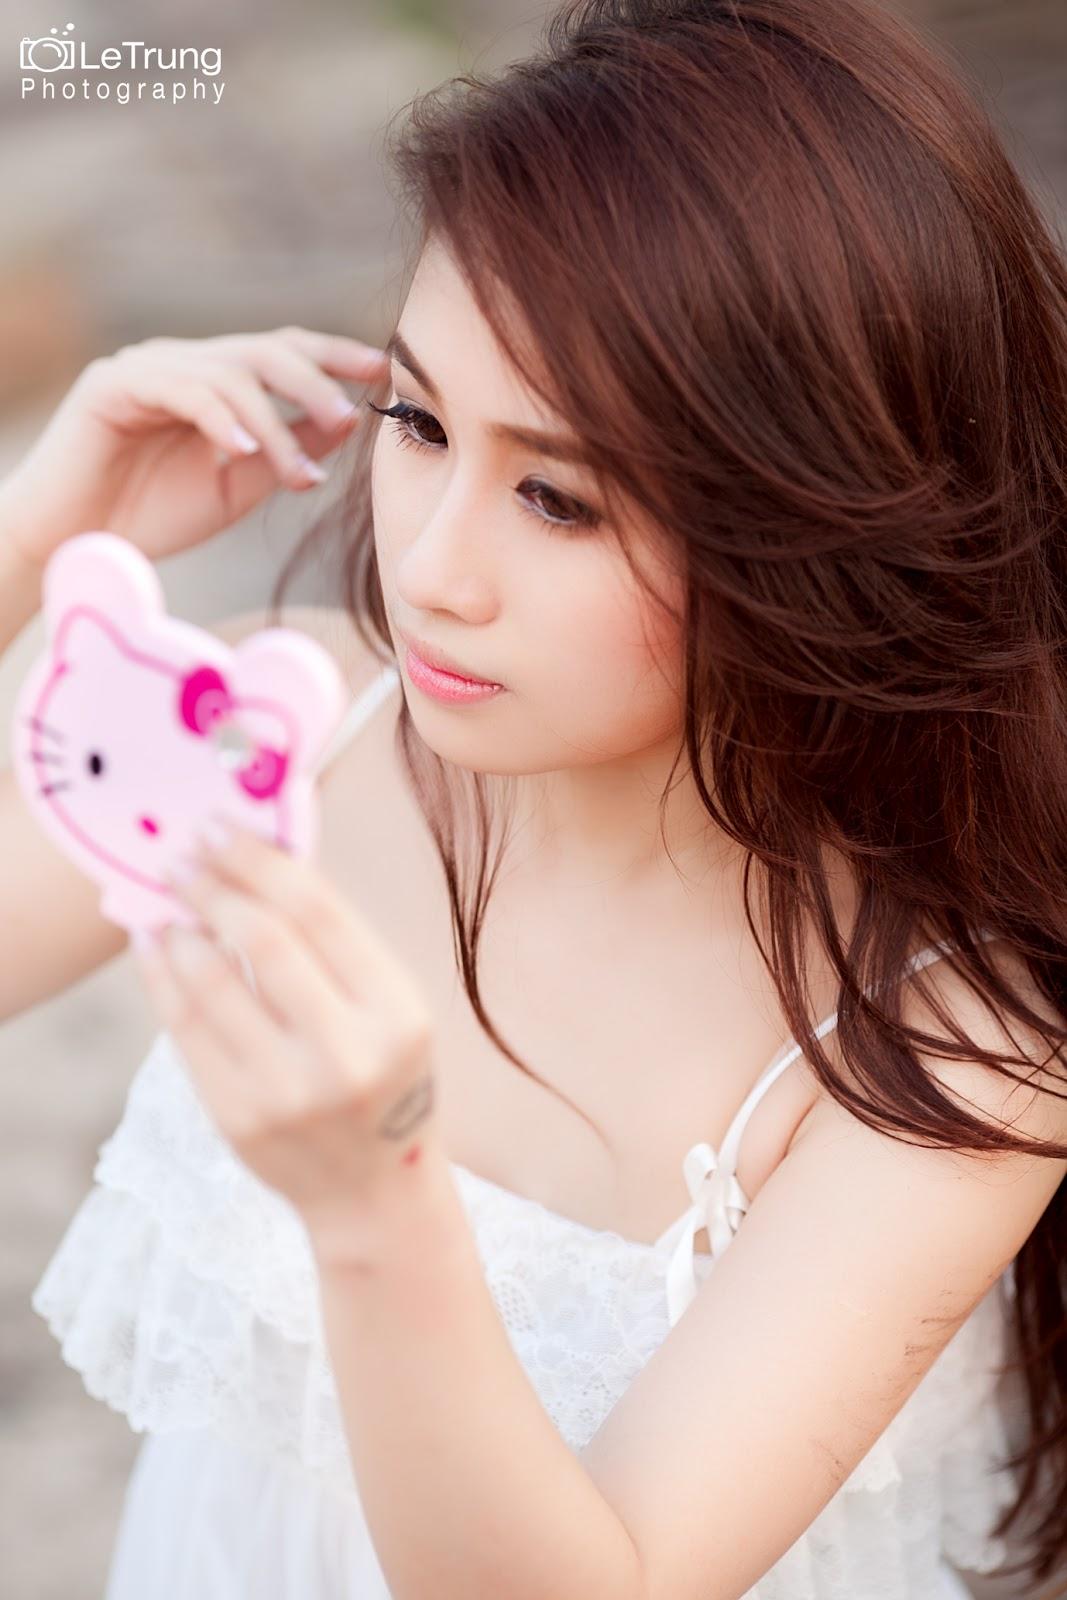 http://4.bp.blogspot.com/-UqJidq37P44/T-YCUdNYobI/AAAAAAAATcY/JxagdjOX-wM/s1600/7057410713_dd3e053c37_o.jpg